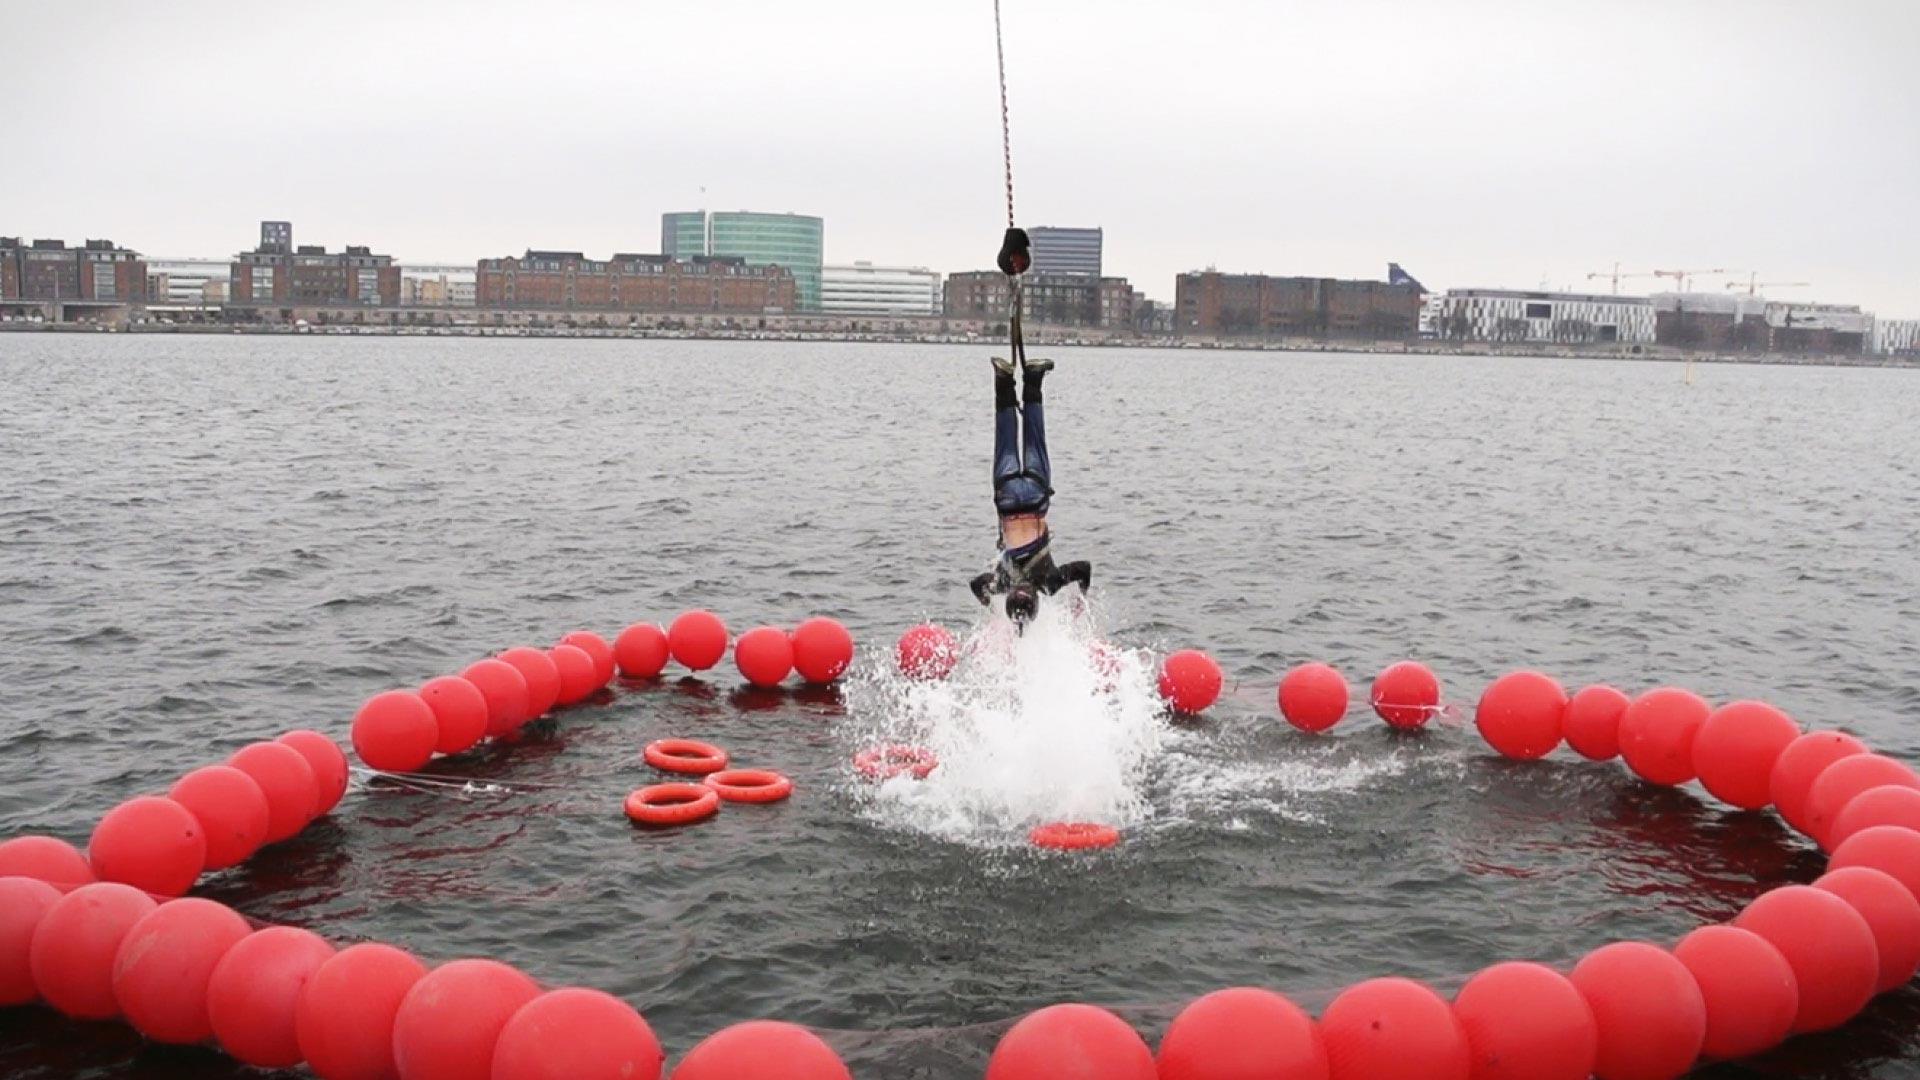 Person kommer op af vandet igen, i et igangværende bungee-jump og er omringet af røde kugler i vandet